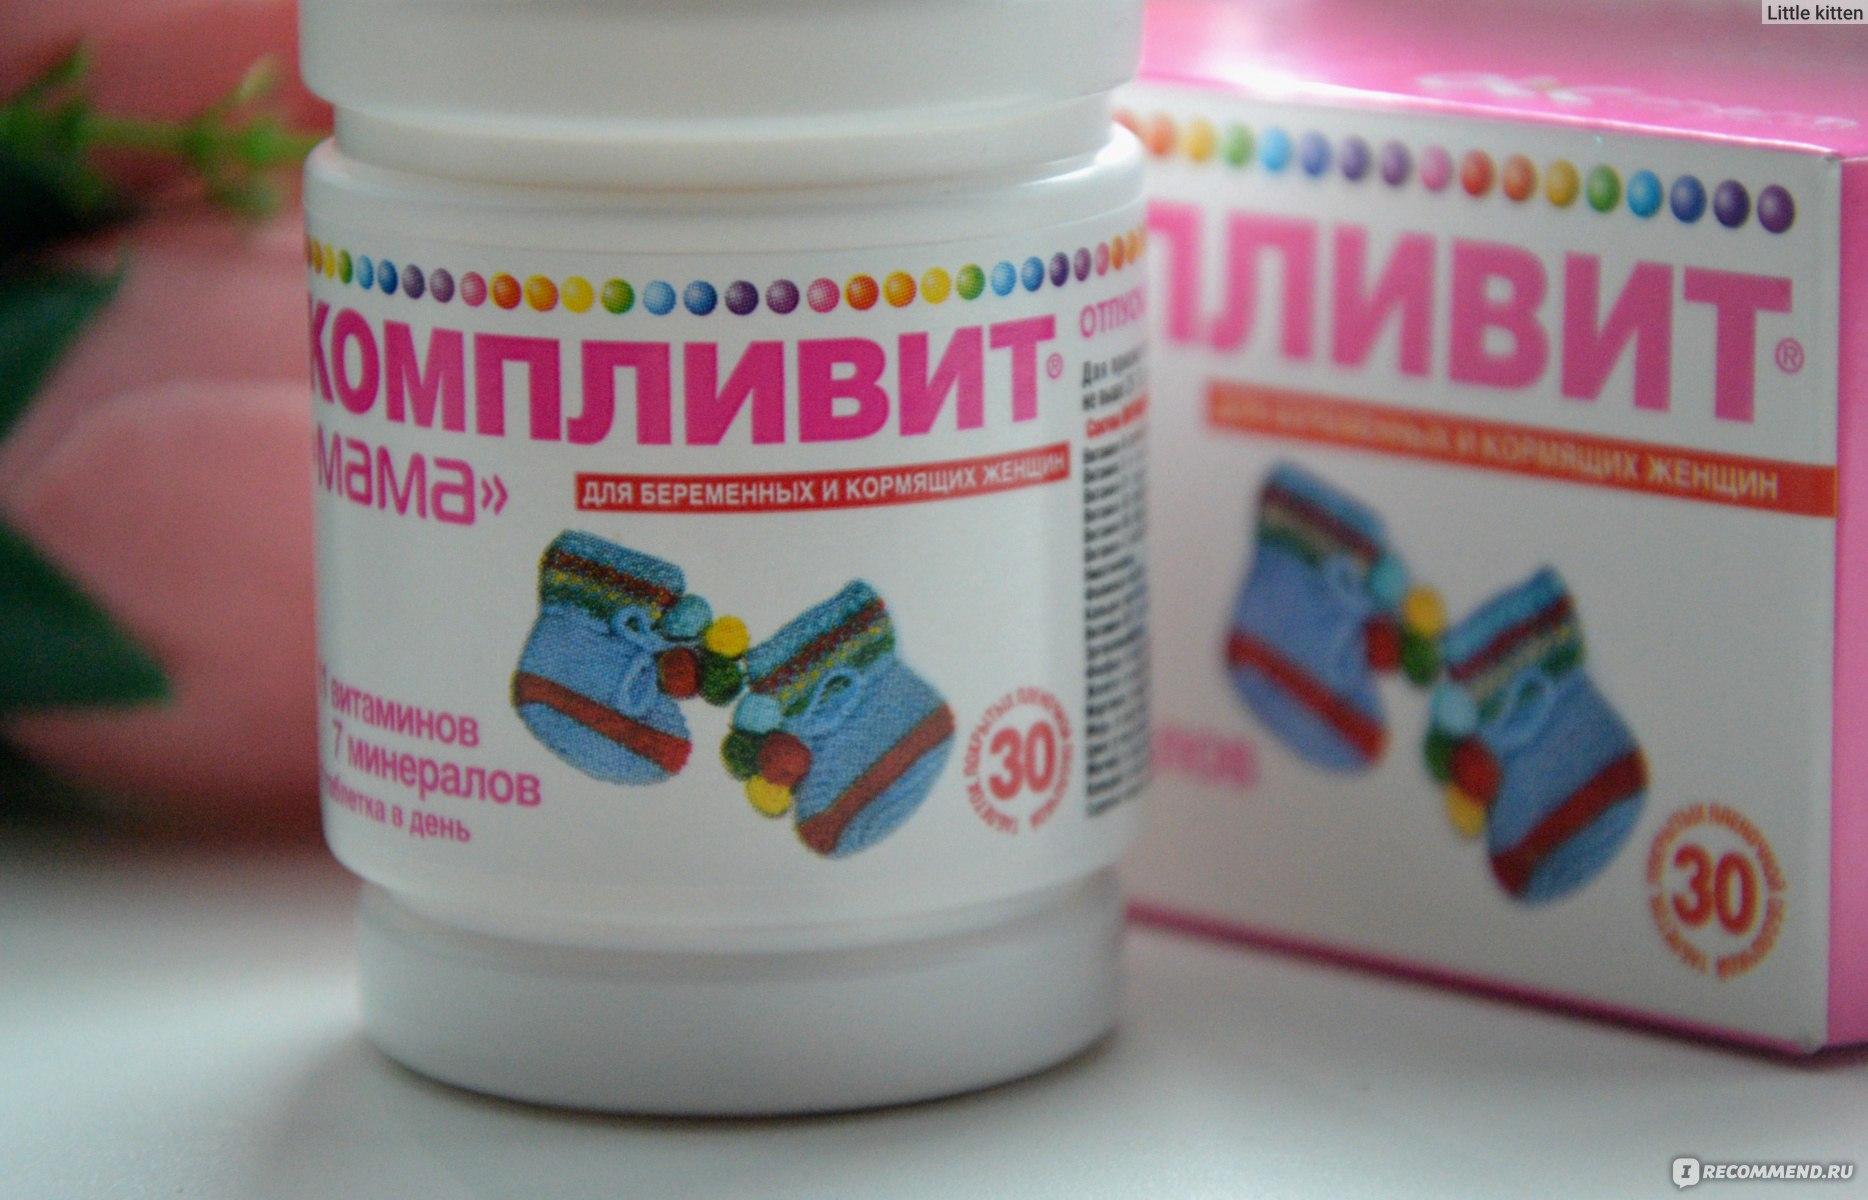 Витамины Компливит Мама для беременных и кормящих женщин